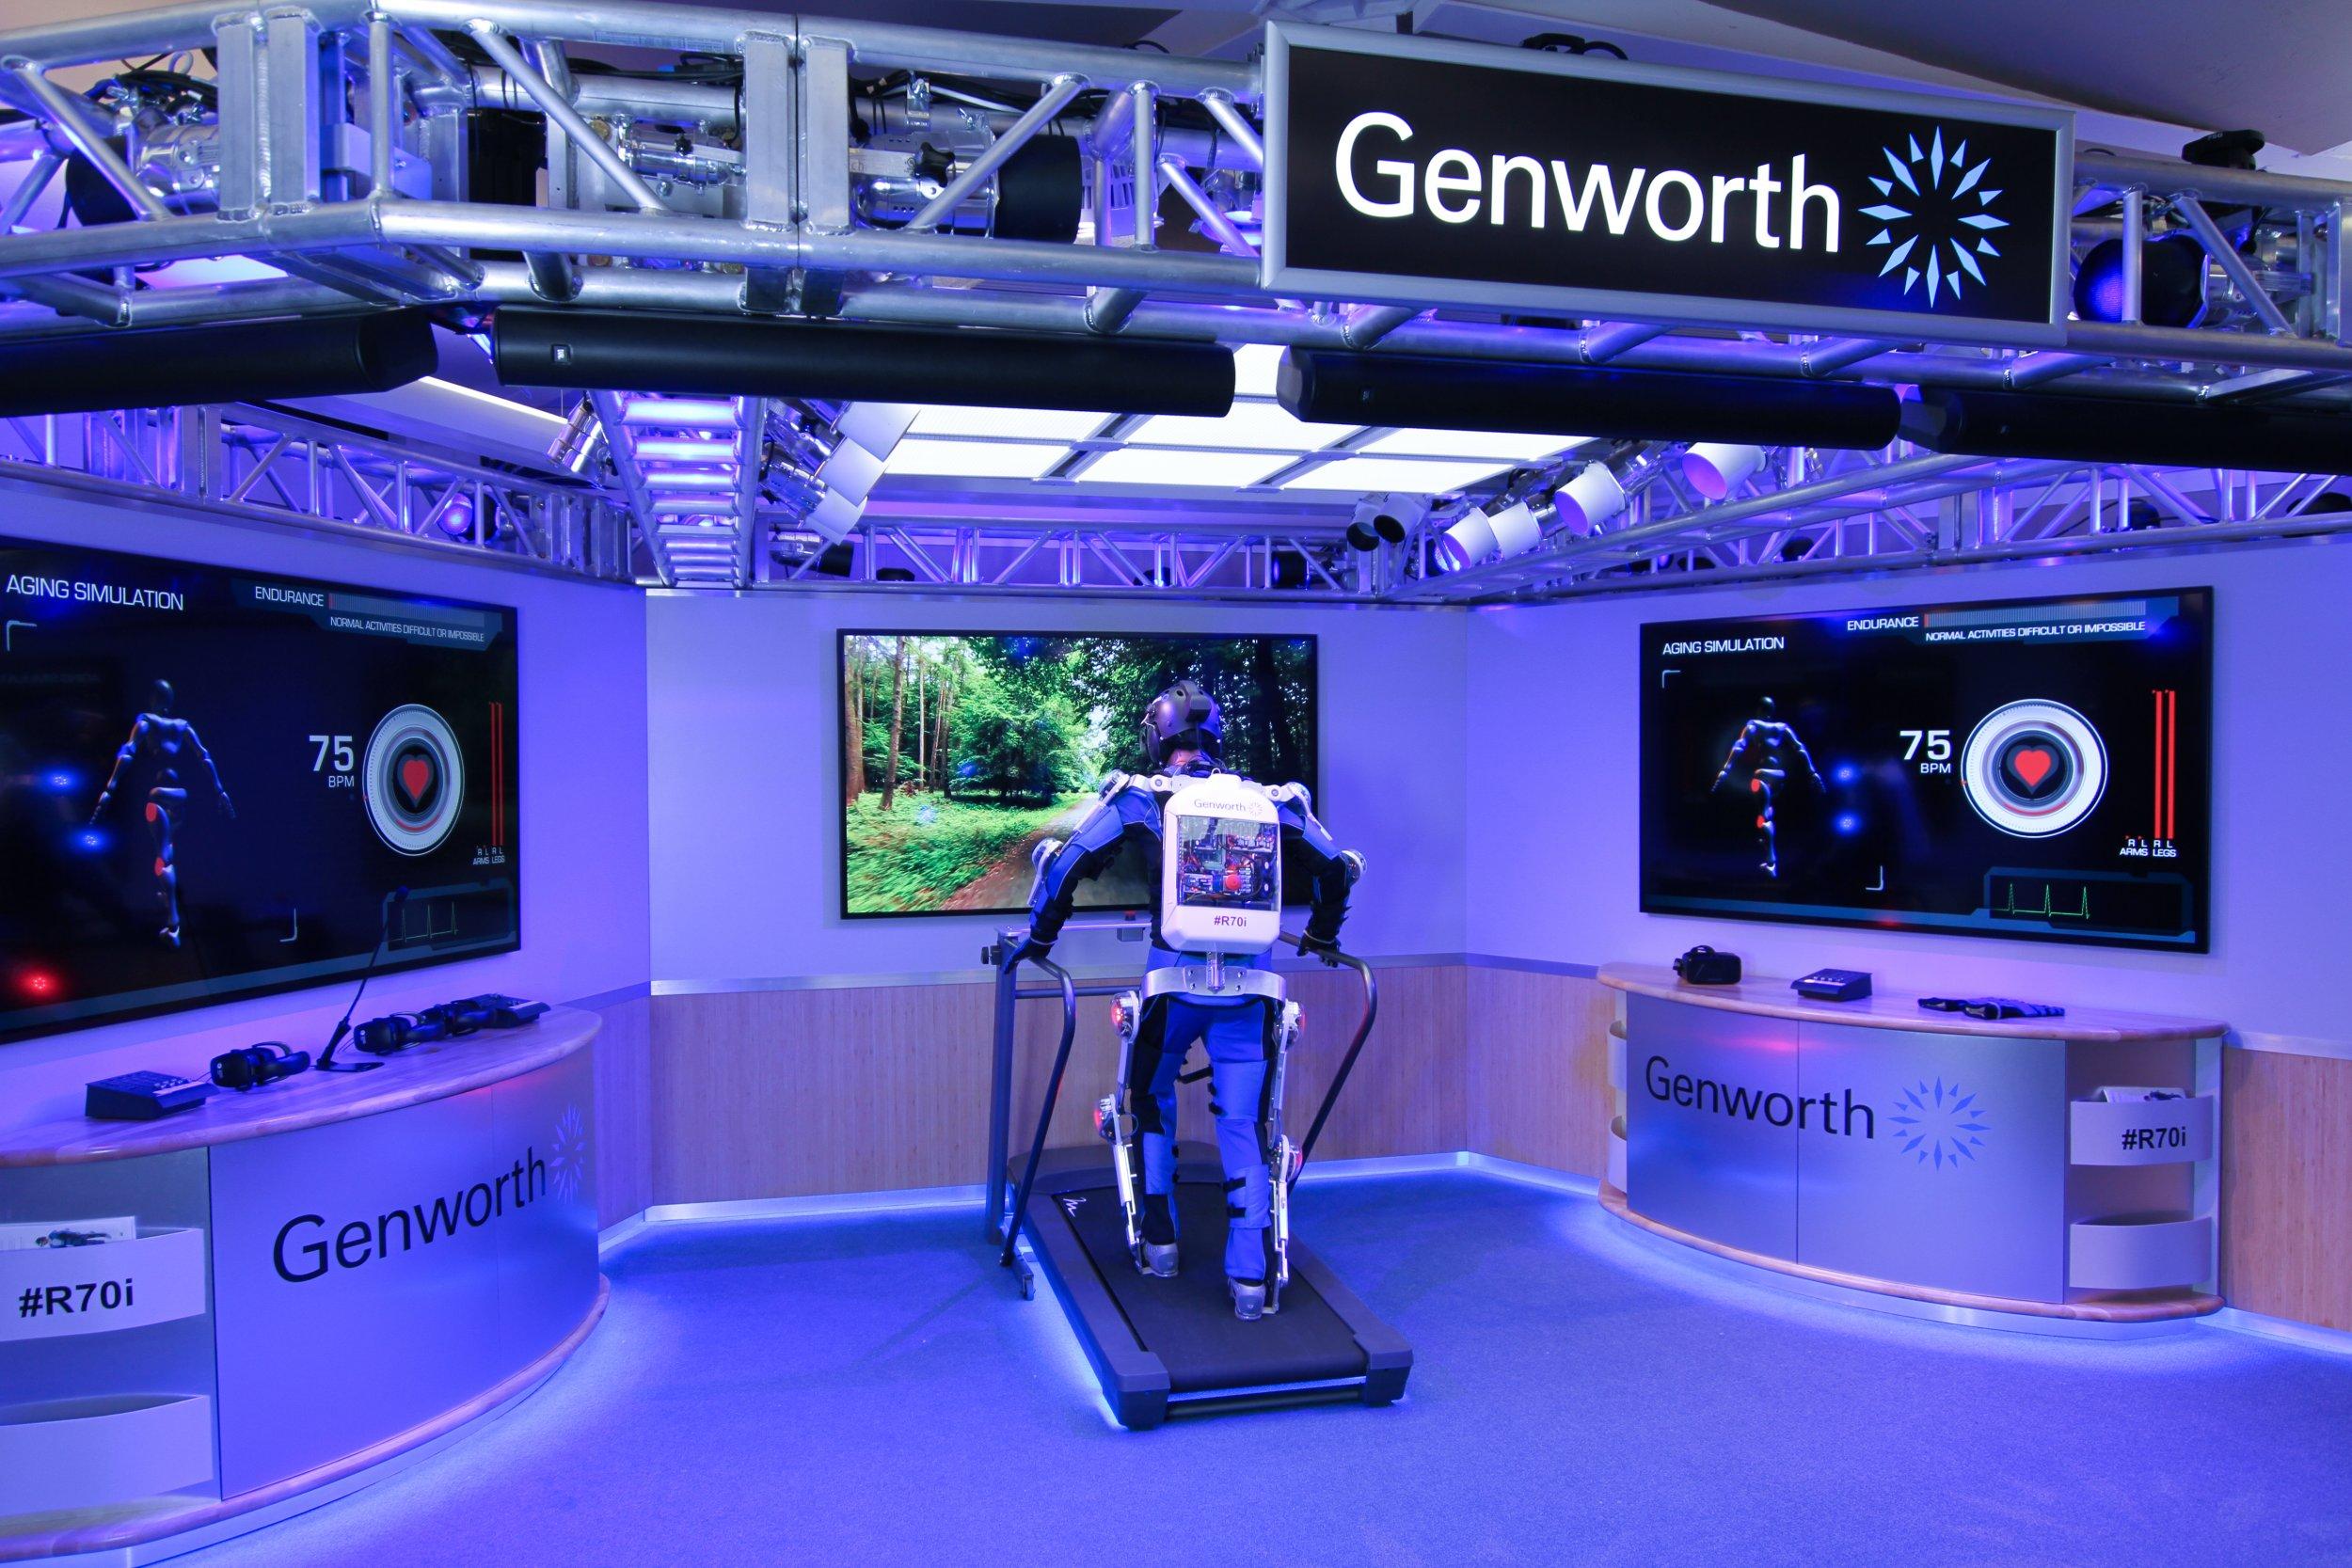 genworth_agesuit__9_of_10_